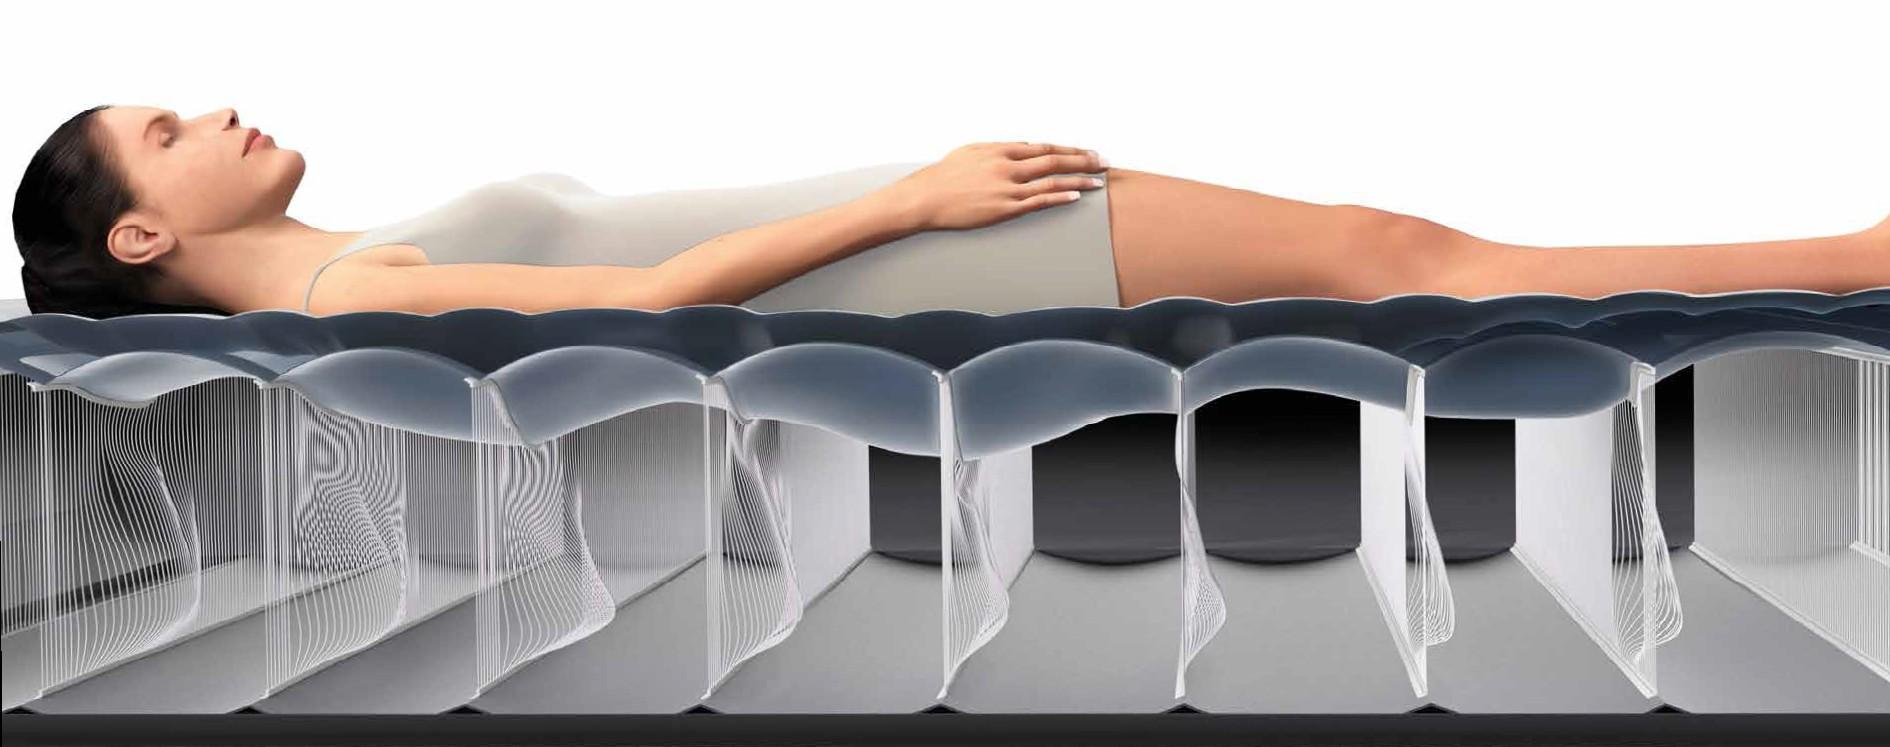 matelas gonflable lectrique intex rest bed fiber tech 1. Black Bedroom Furniture Sets. Home Design Ideas